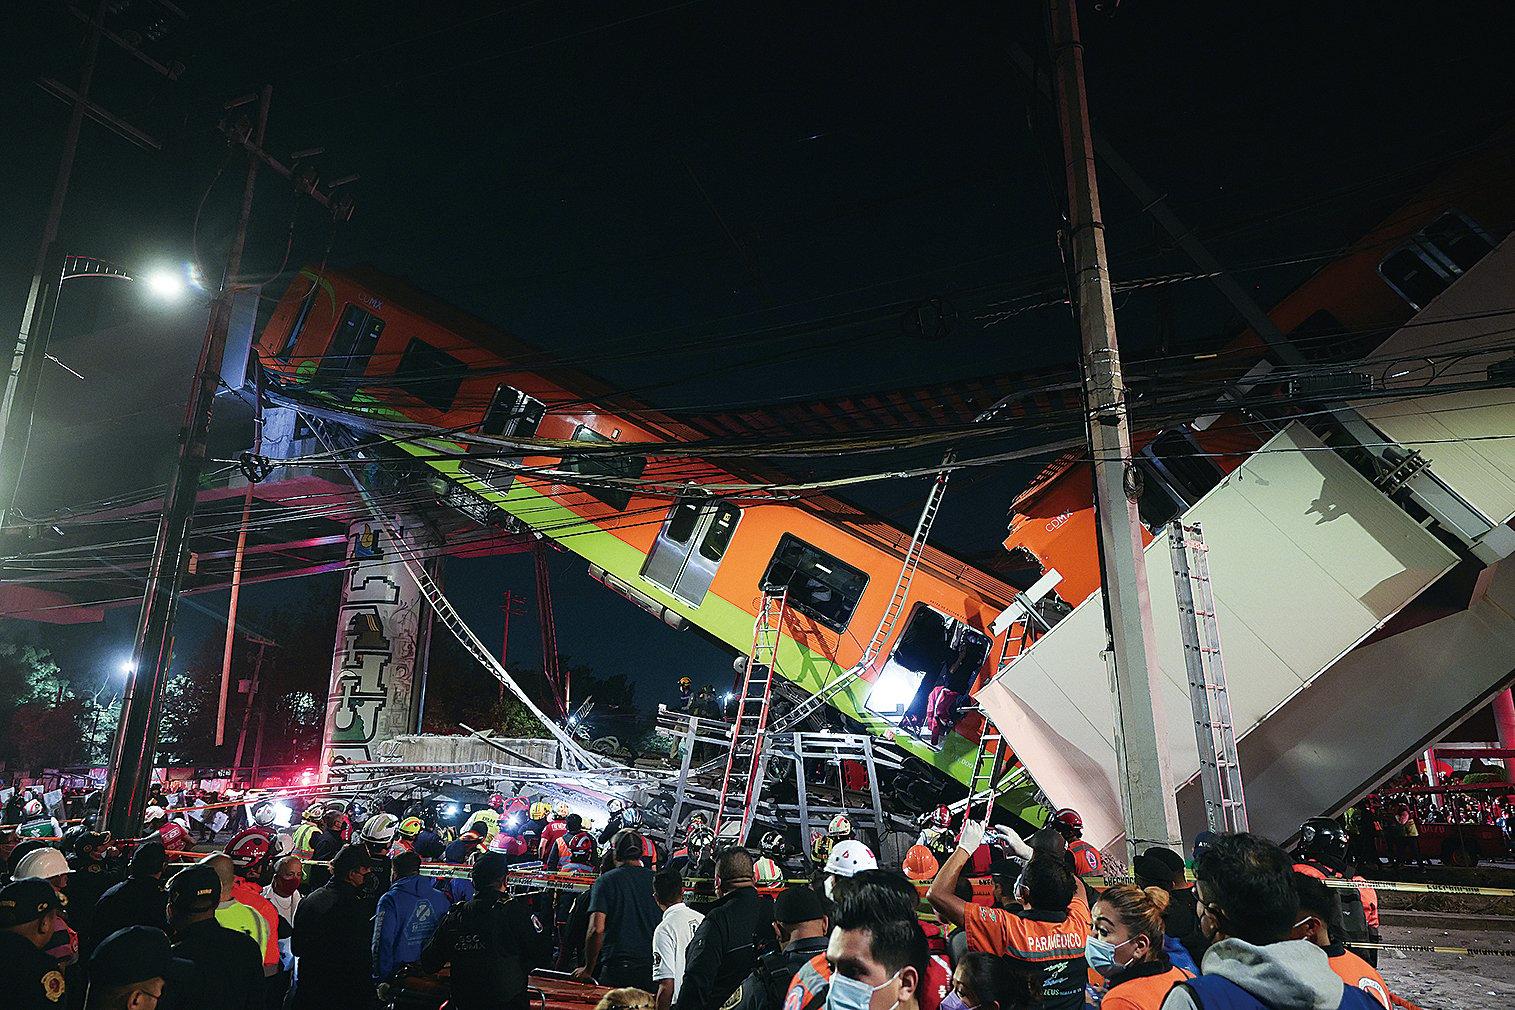 5月3日,墨西哥城一條高架地鐵軌道倒塌後,緊急救援人員正在搜尋倖存者。 (Getty Images)